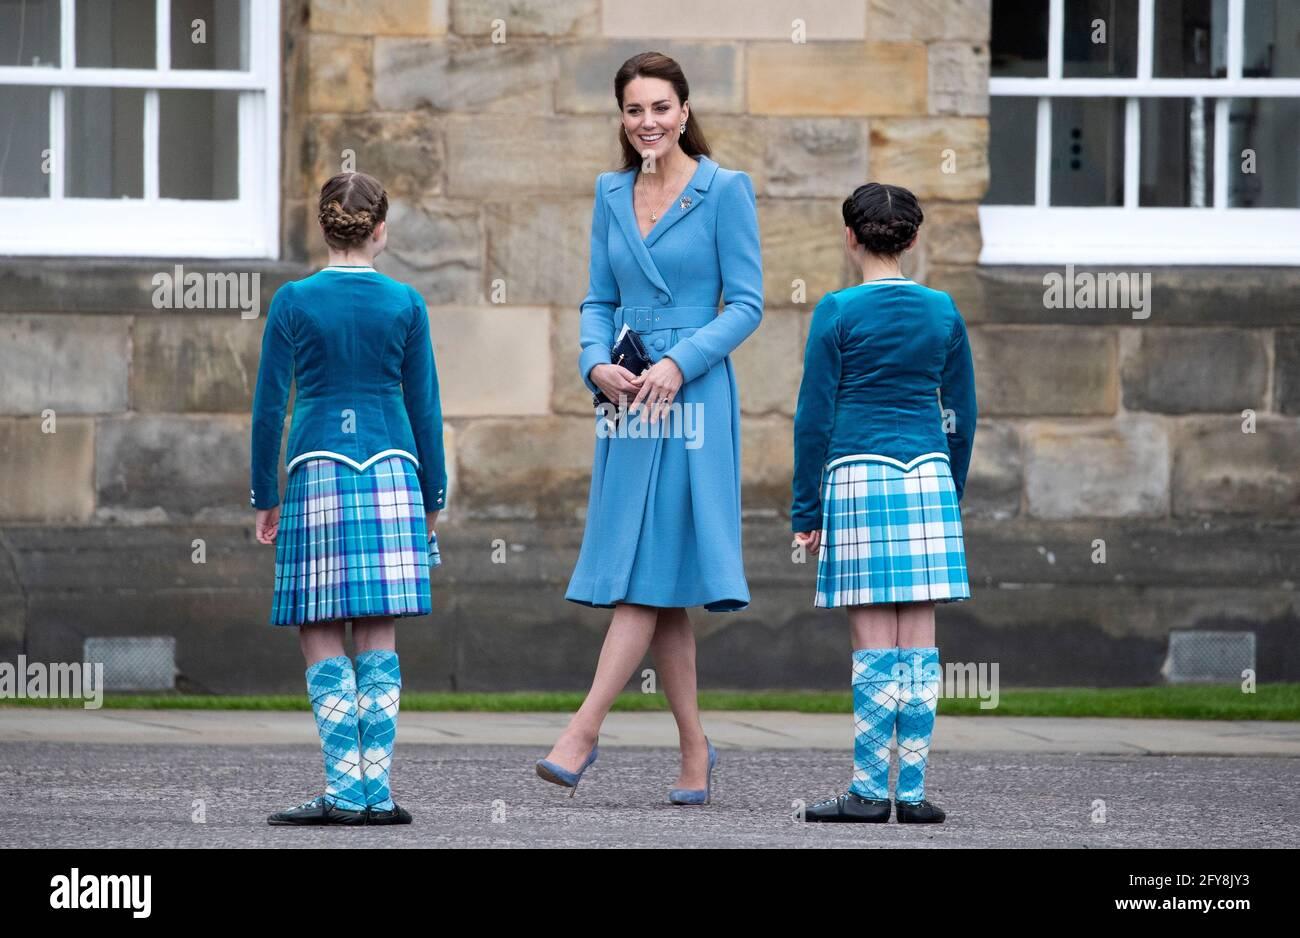 La Duchessa di Cambridge incontra i ballerini di Highland durante un battimento del ritiro al Palazzo di Holyroodhouse a Edimburgo. Data immagine: Giovedì 27 maggio 2021. Foto Stock